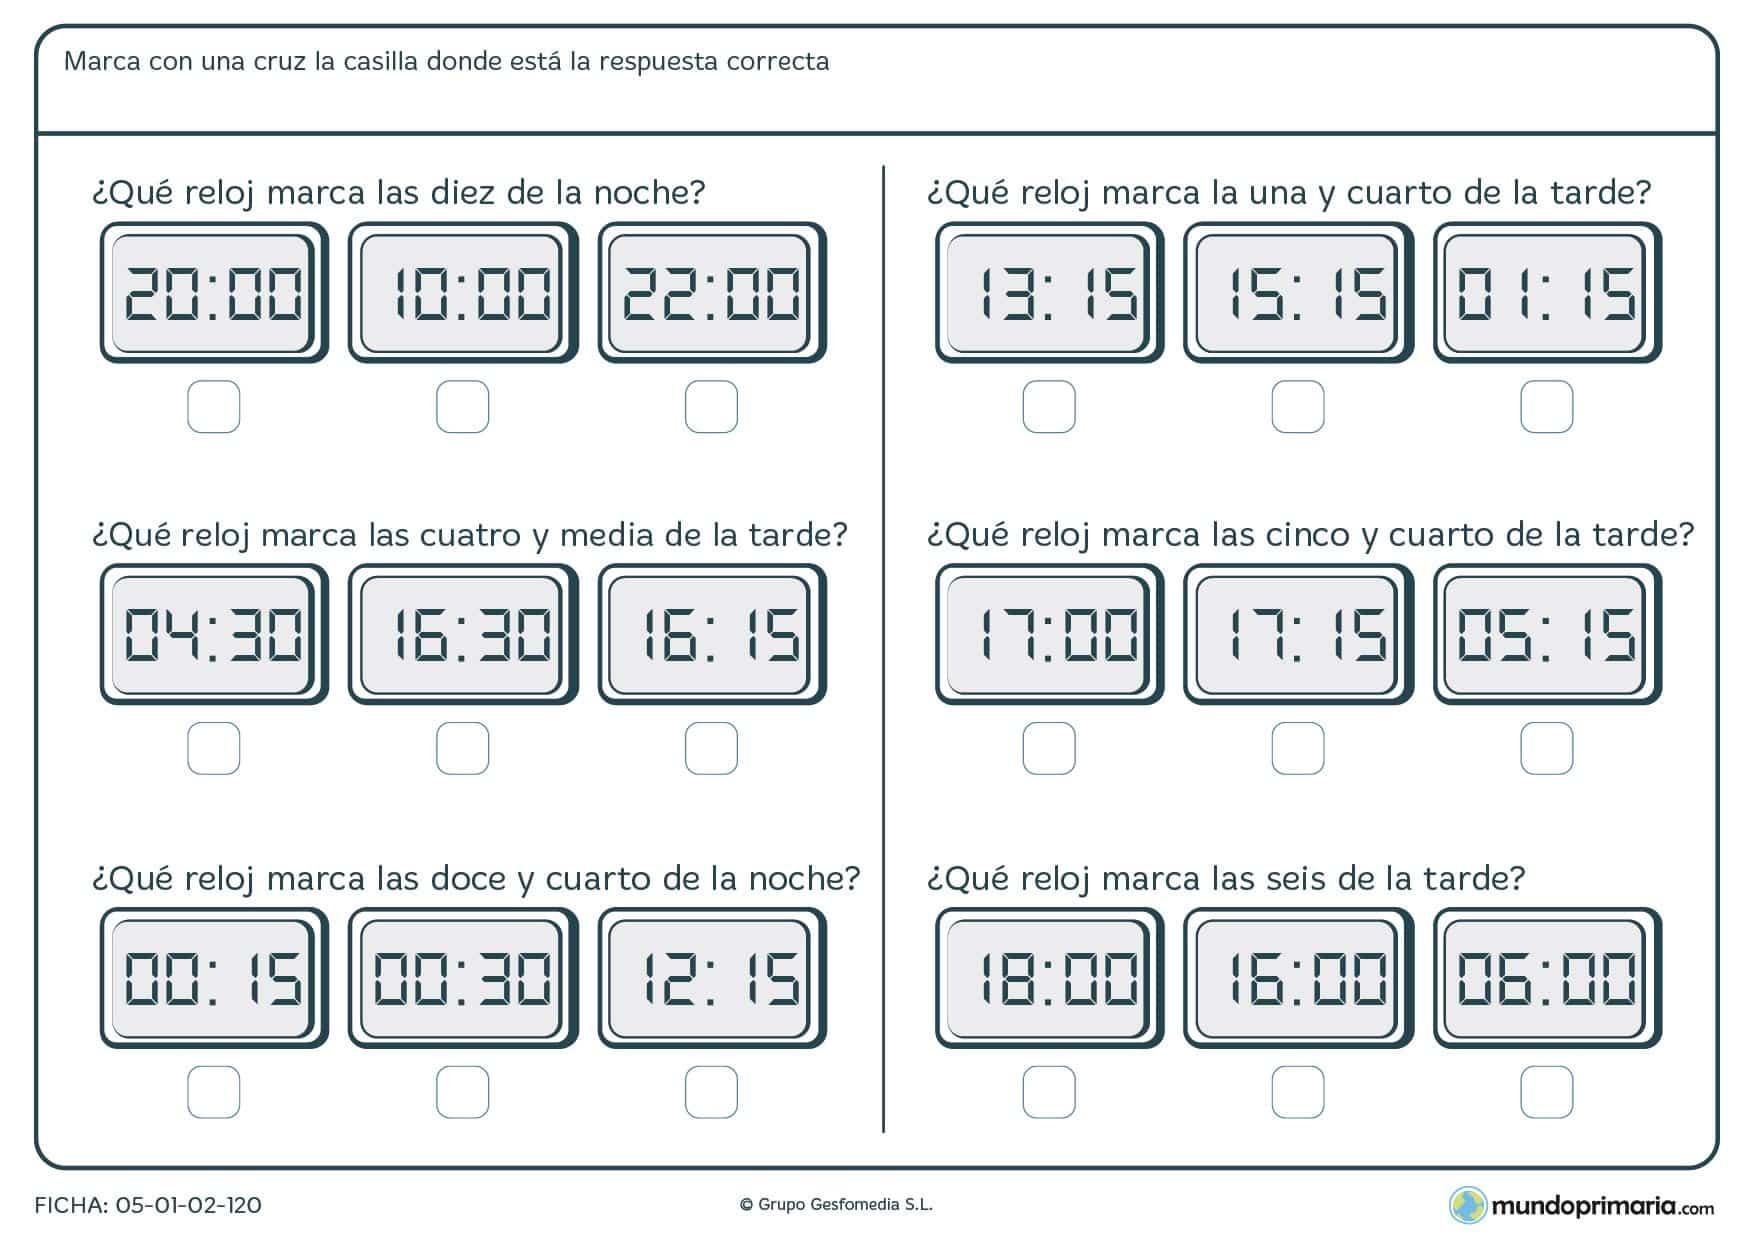 Ficha de reloj digital en la que debes interpretar las horas que marcan los relojes.